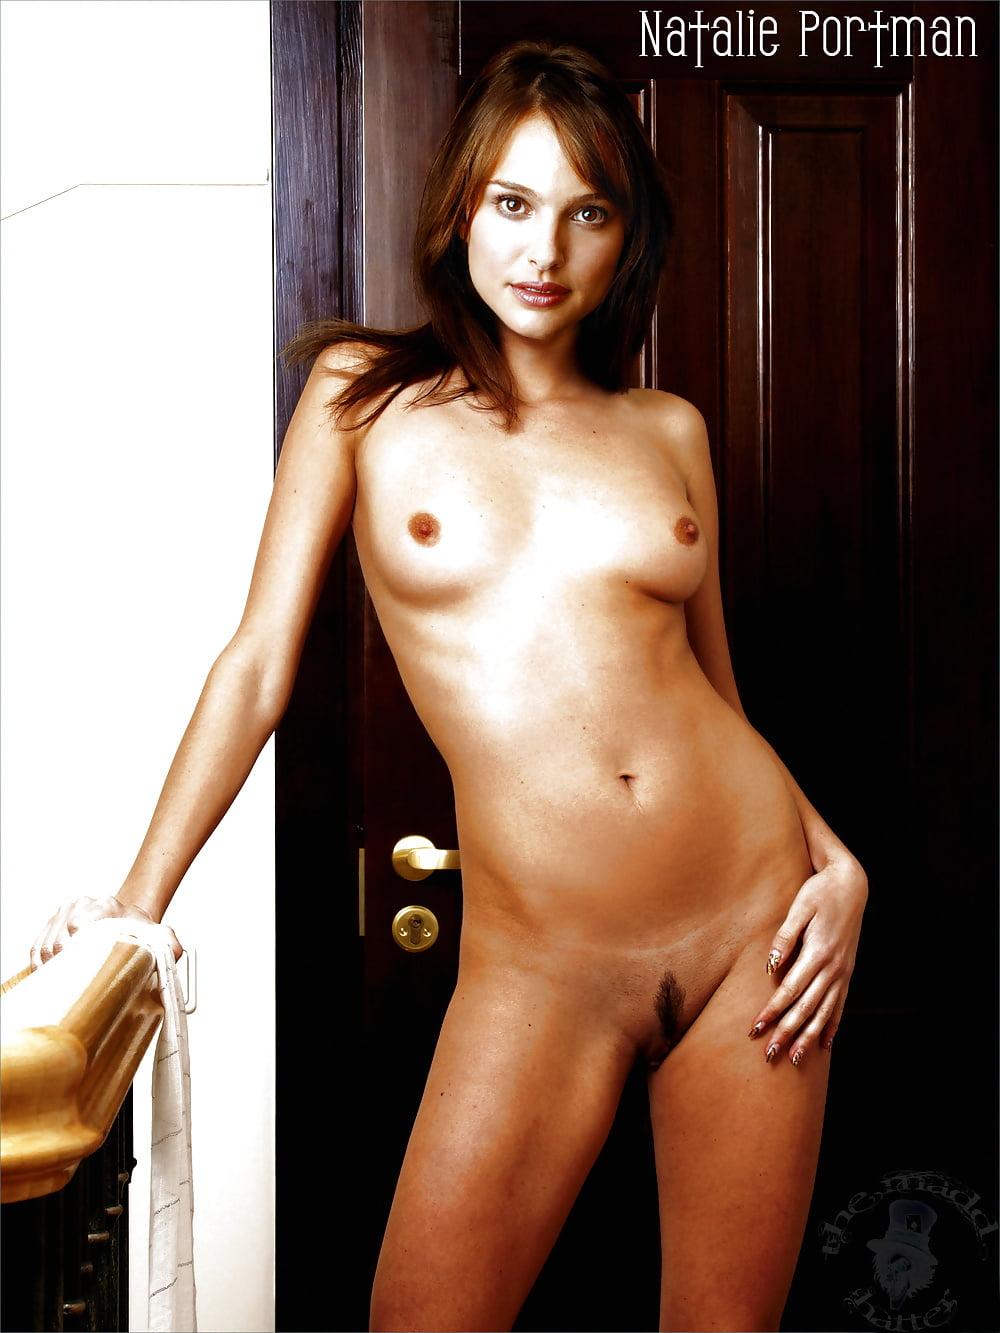 portman mila scene Natalie sex